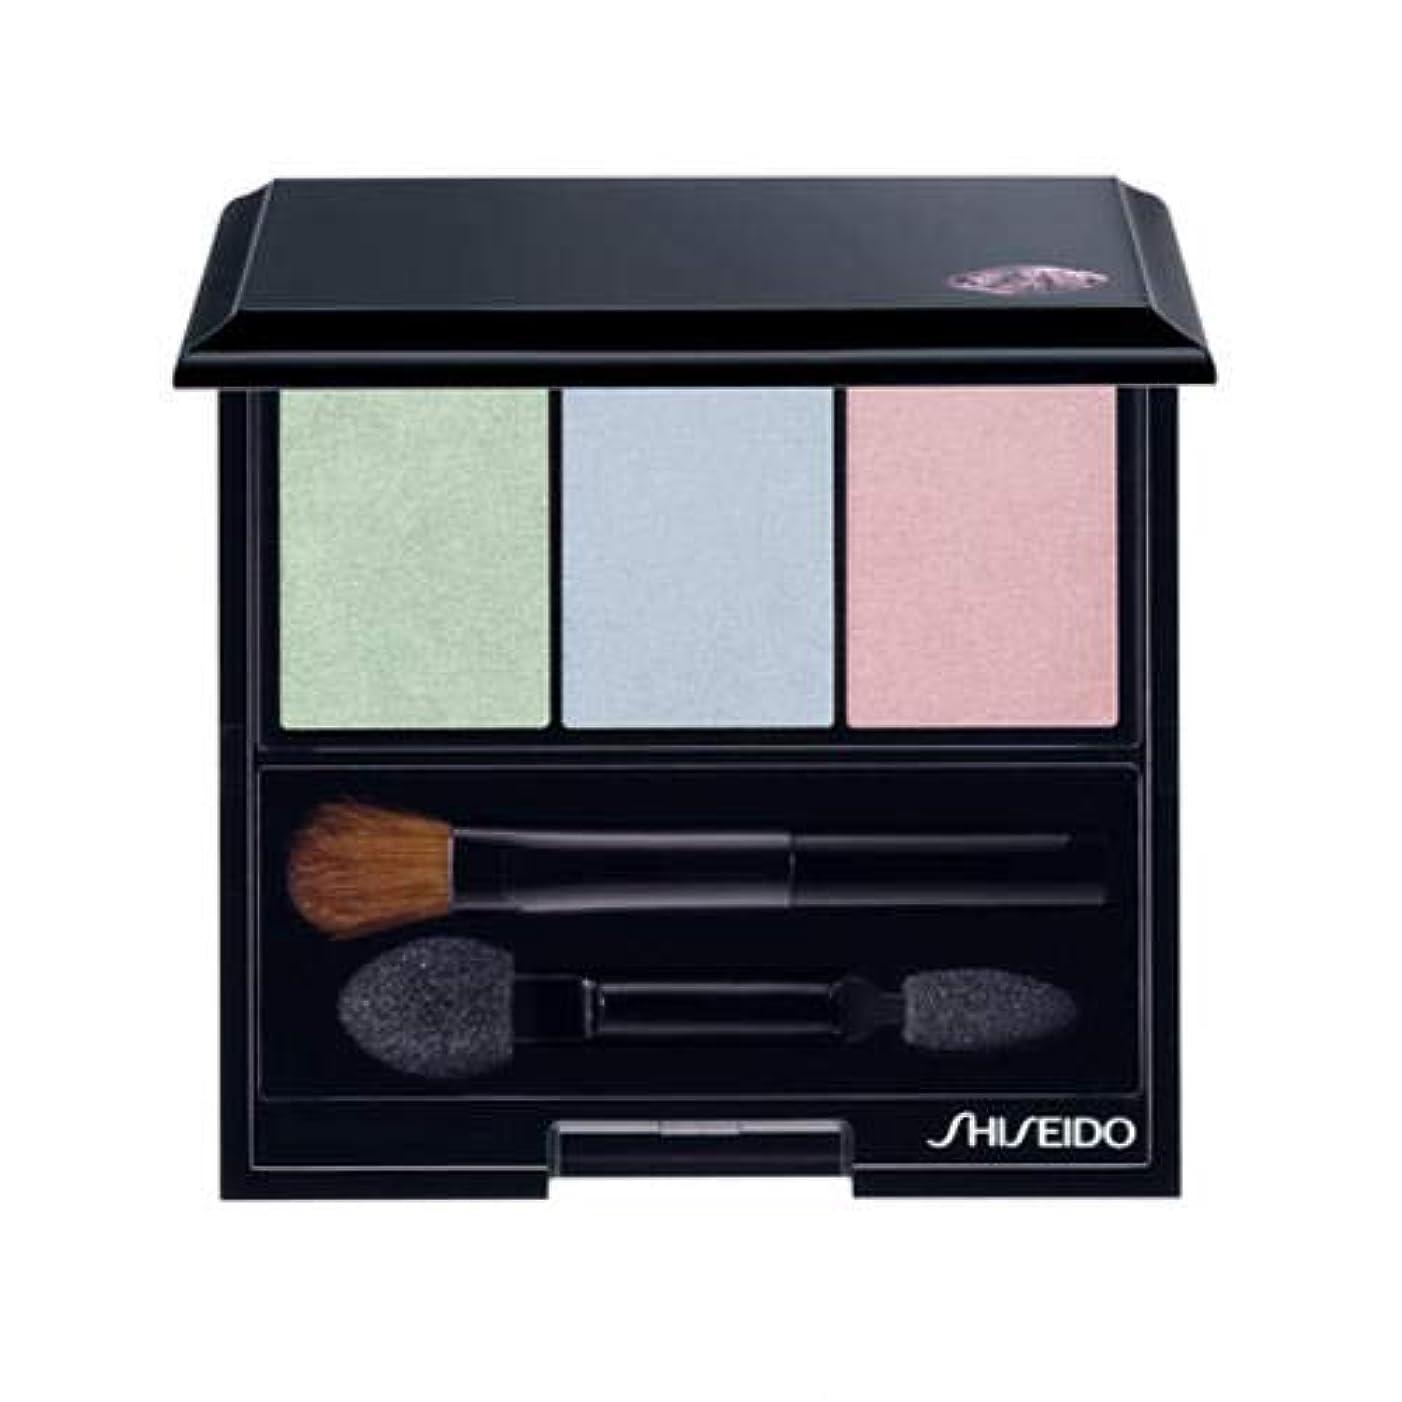 フラスコ冷える記録資生堂 ルミナイジング サテン アイカラー トリオ BL215(Shiseido Luminizing Satin Eye Color Trio BL215) [並行輸入品]